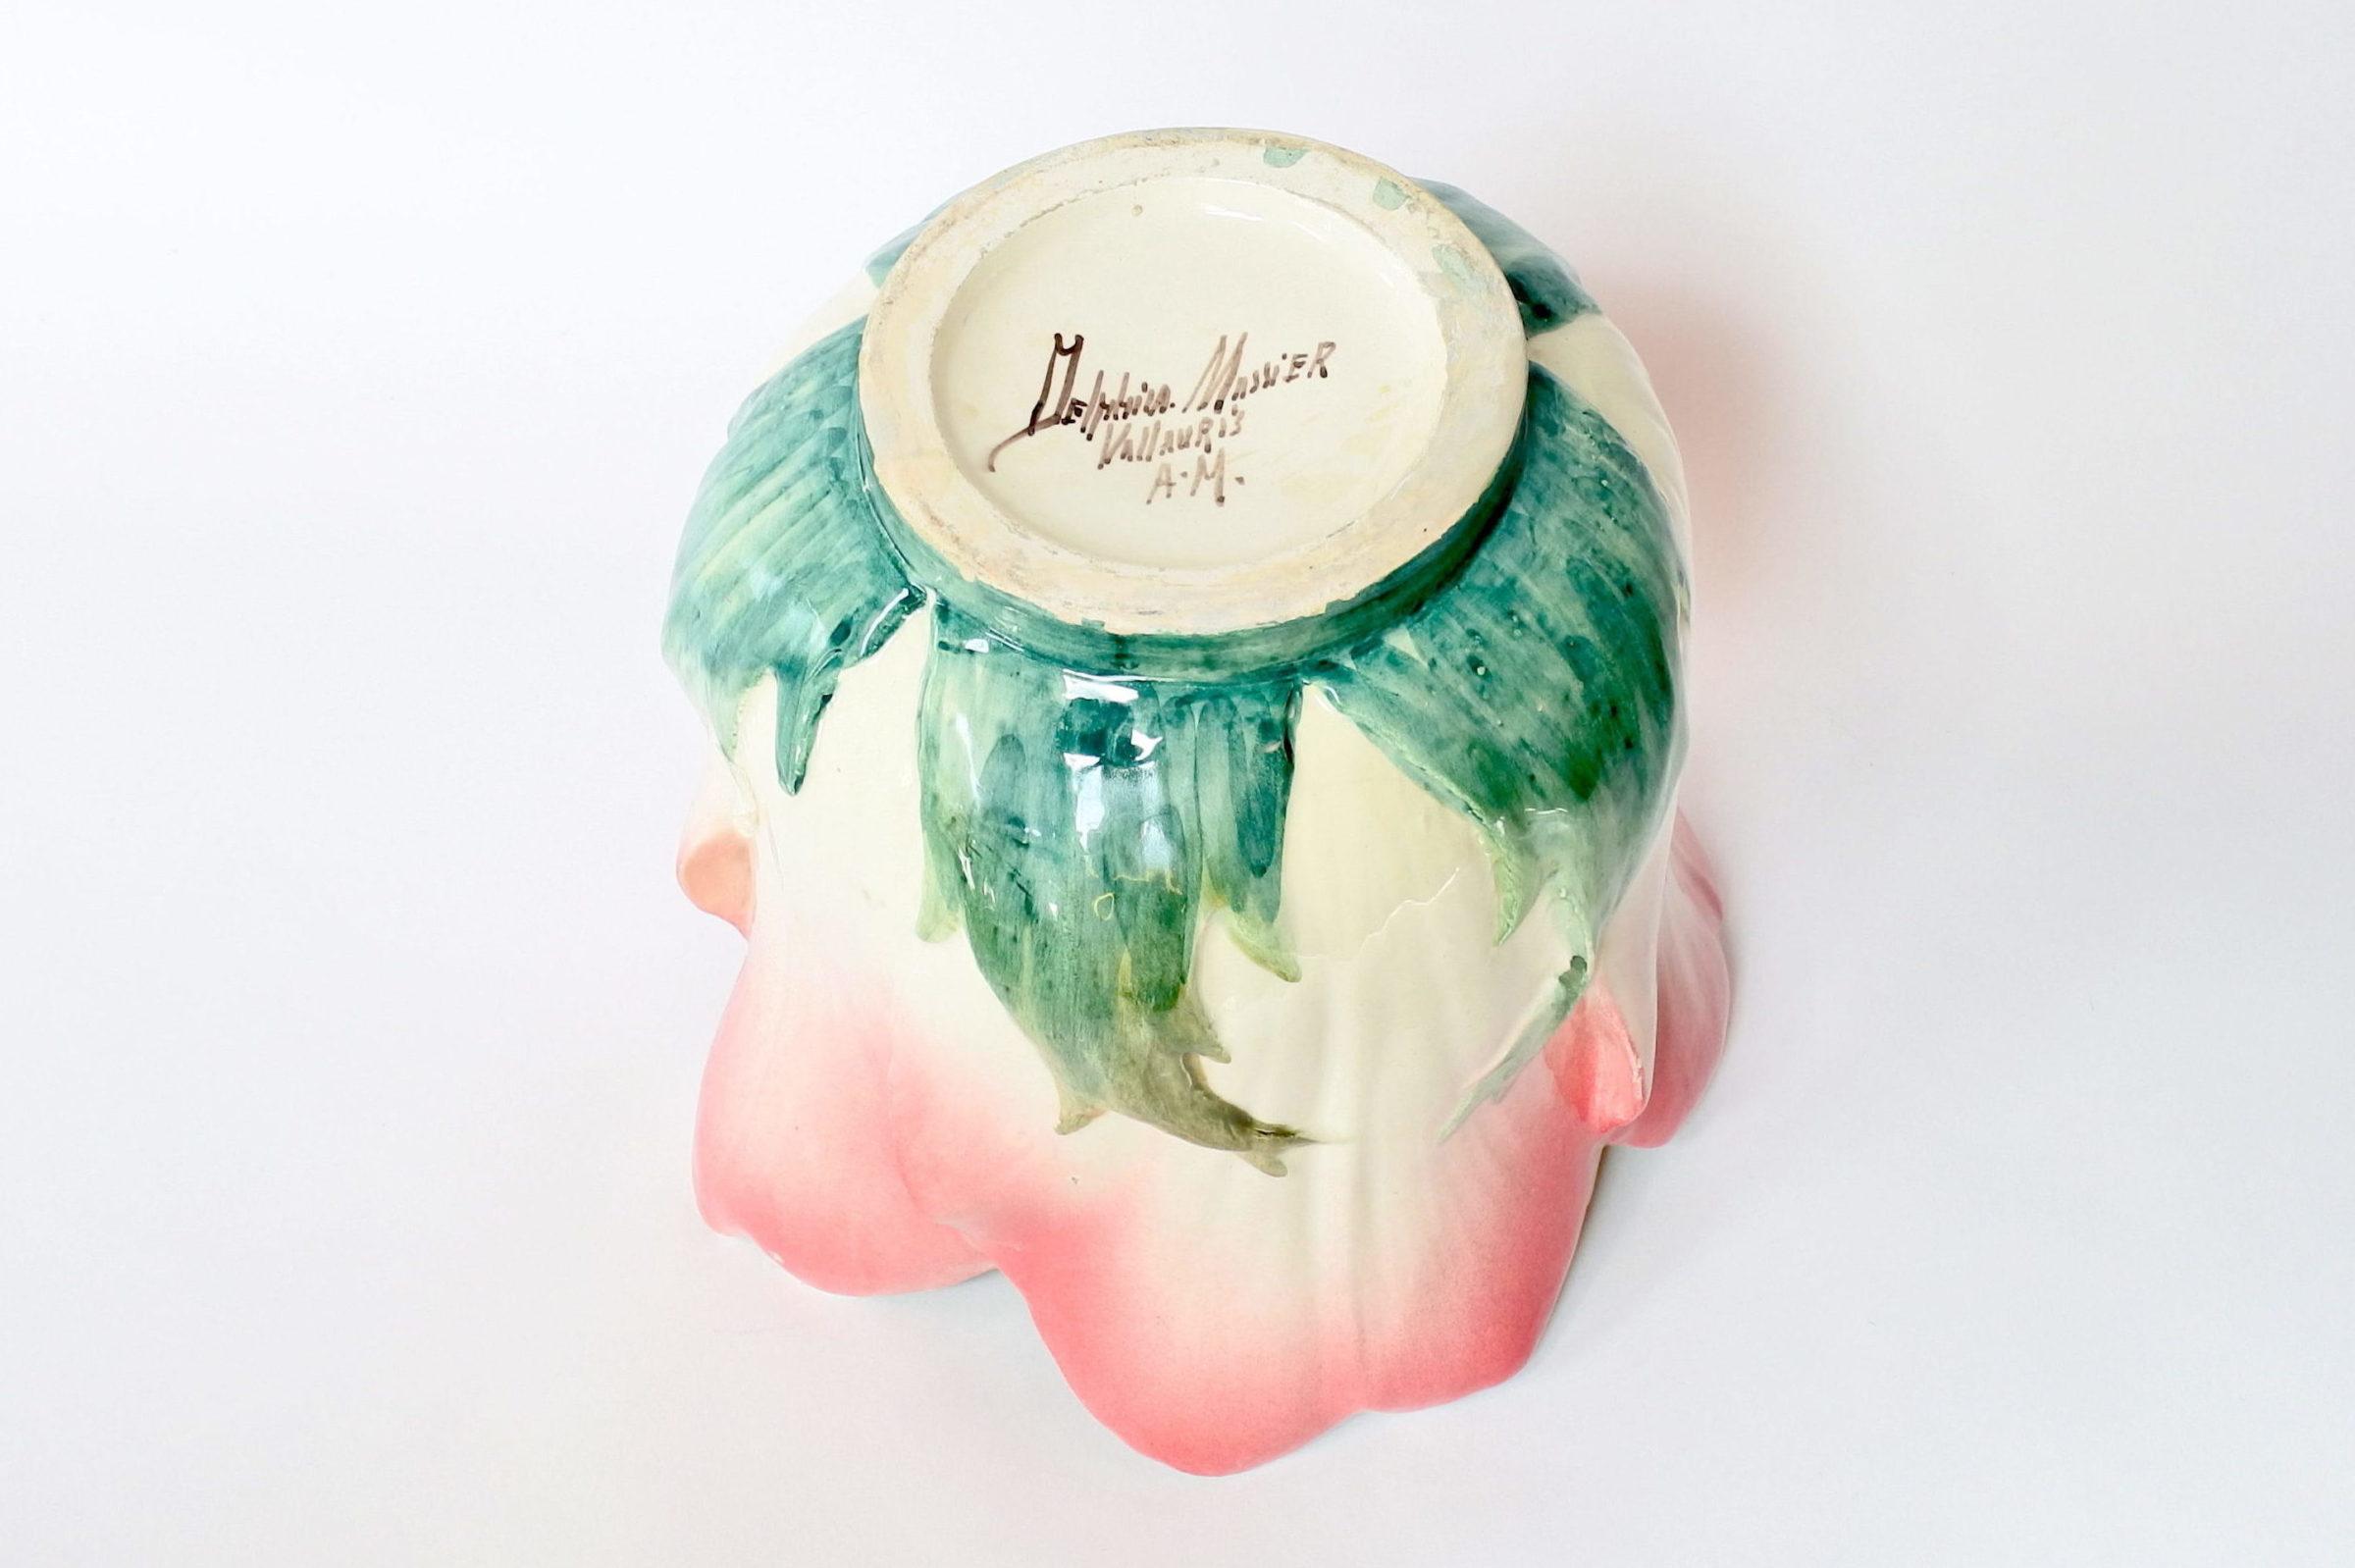 Cache pot Massier in ceramica barbotine a forma di fiore - Delphin Massier - 5